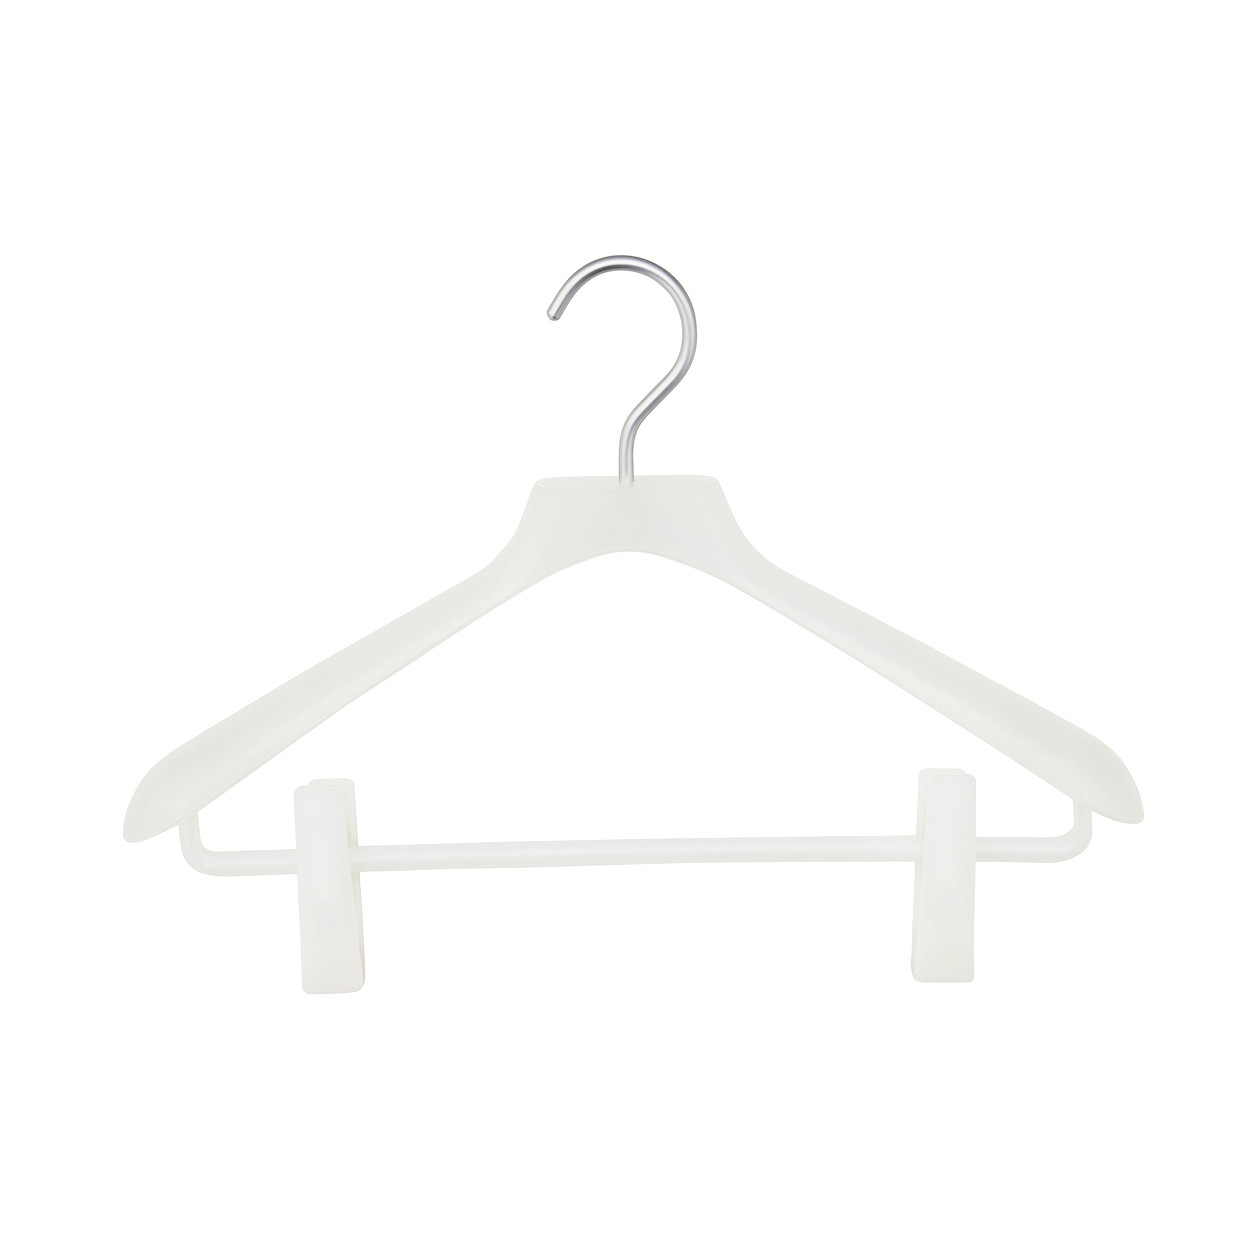 【まとめ買い】ポリプロピレンハンガー・婦人用・ピンチ付の写真